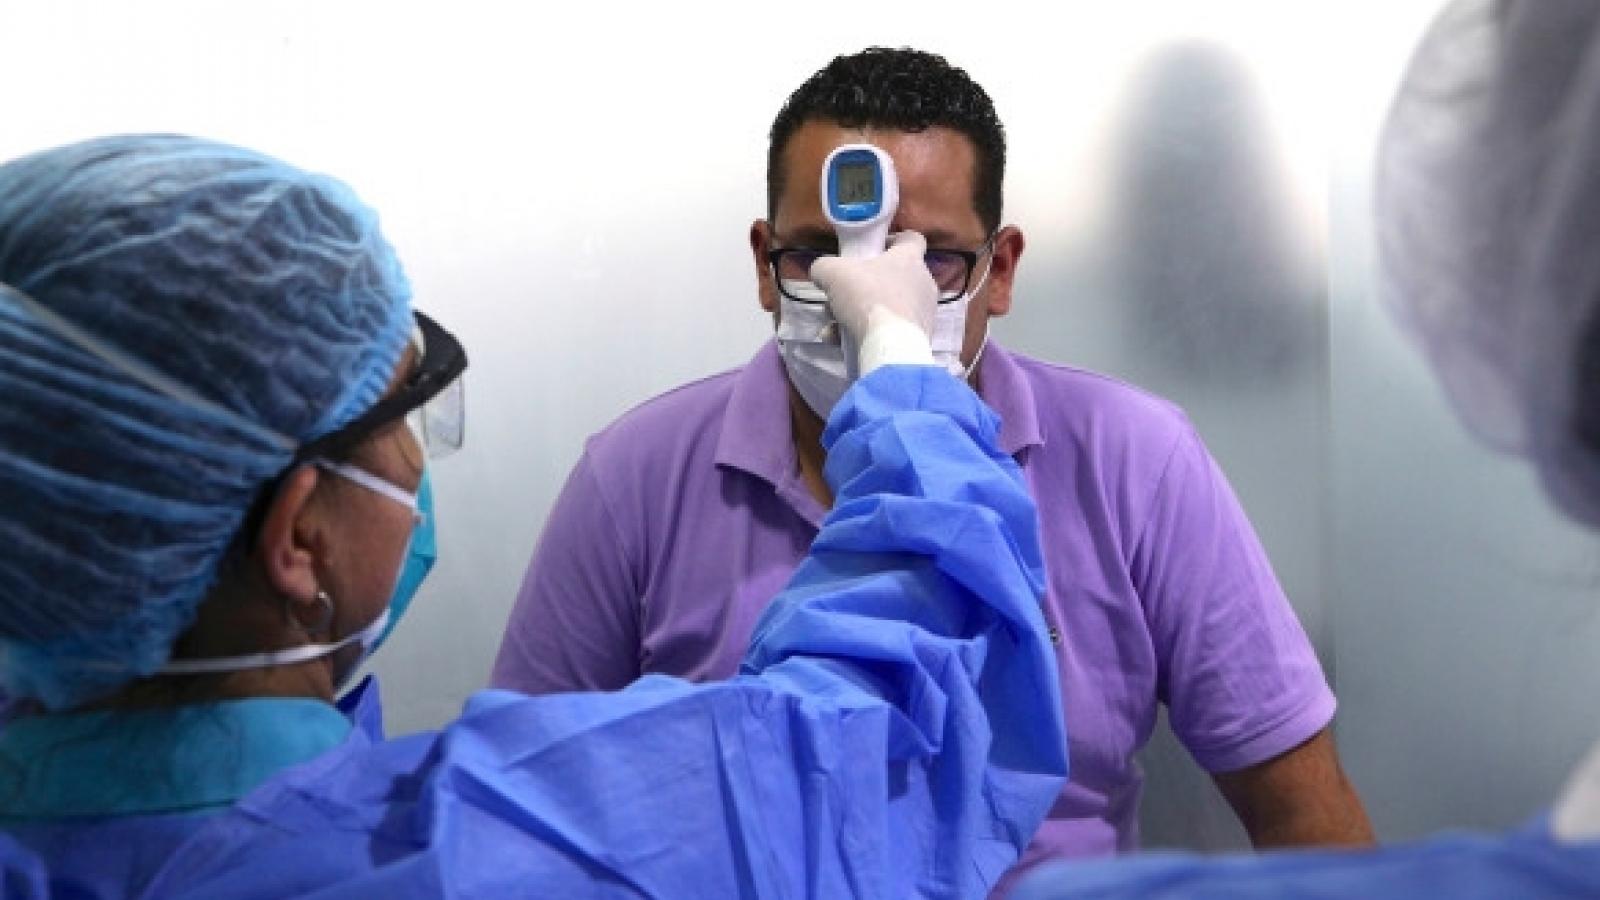 Peru có số ca Covid-19 tử vong bình quân cao nhất, Nhật Bản tự phát triển vaccine nội địa